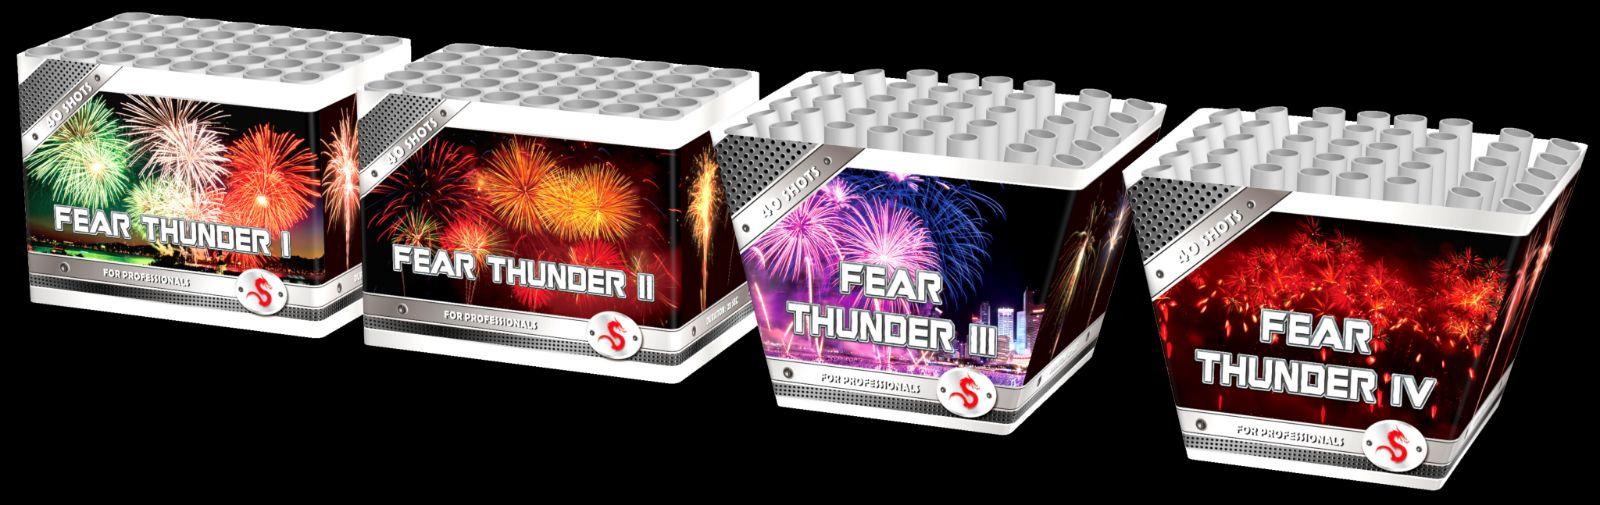 Fear Thunder